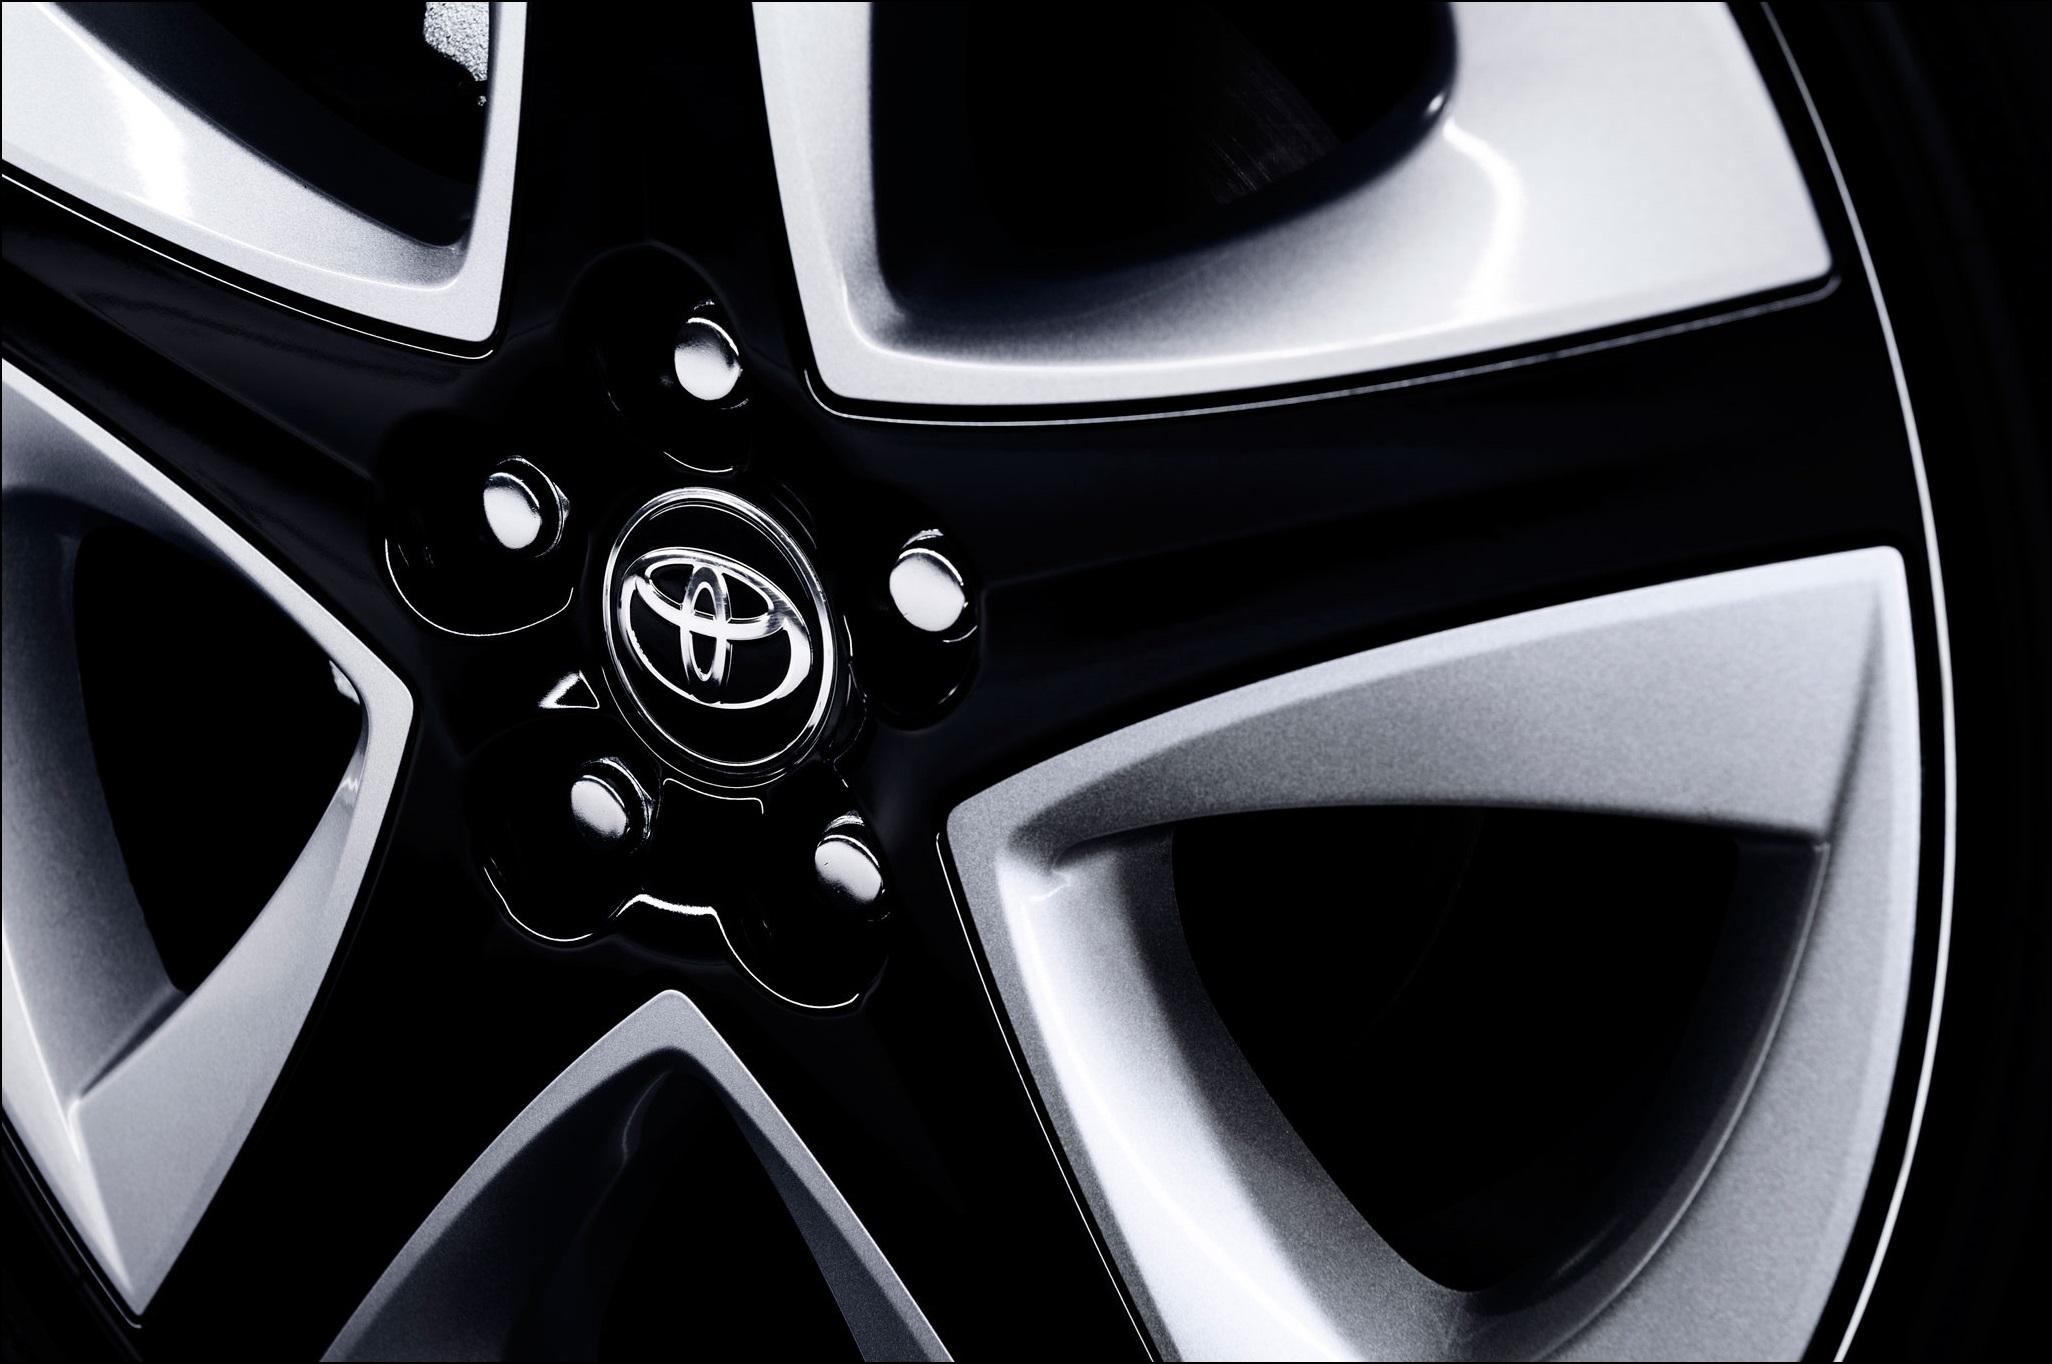 2016-toyota-prius-wheel